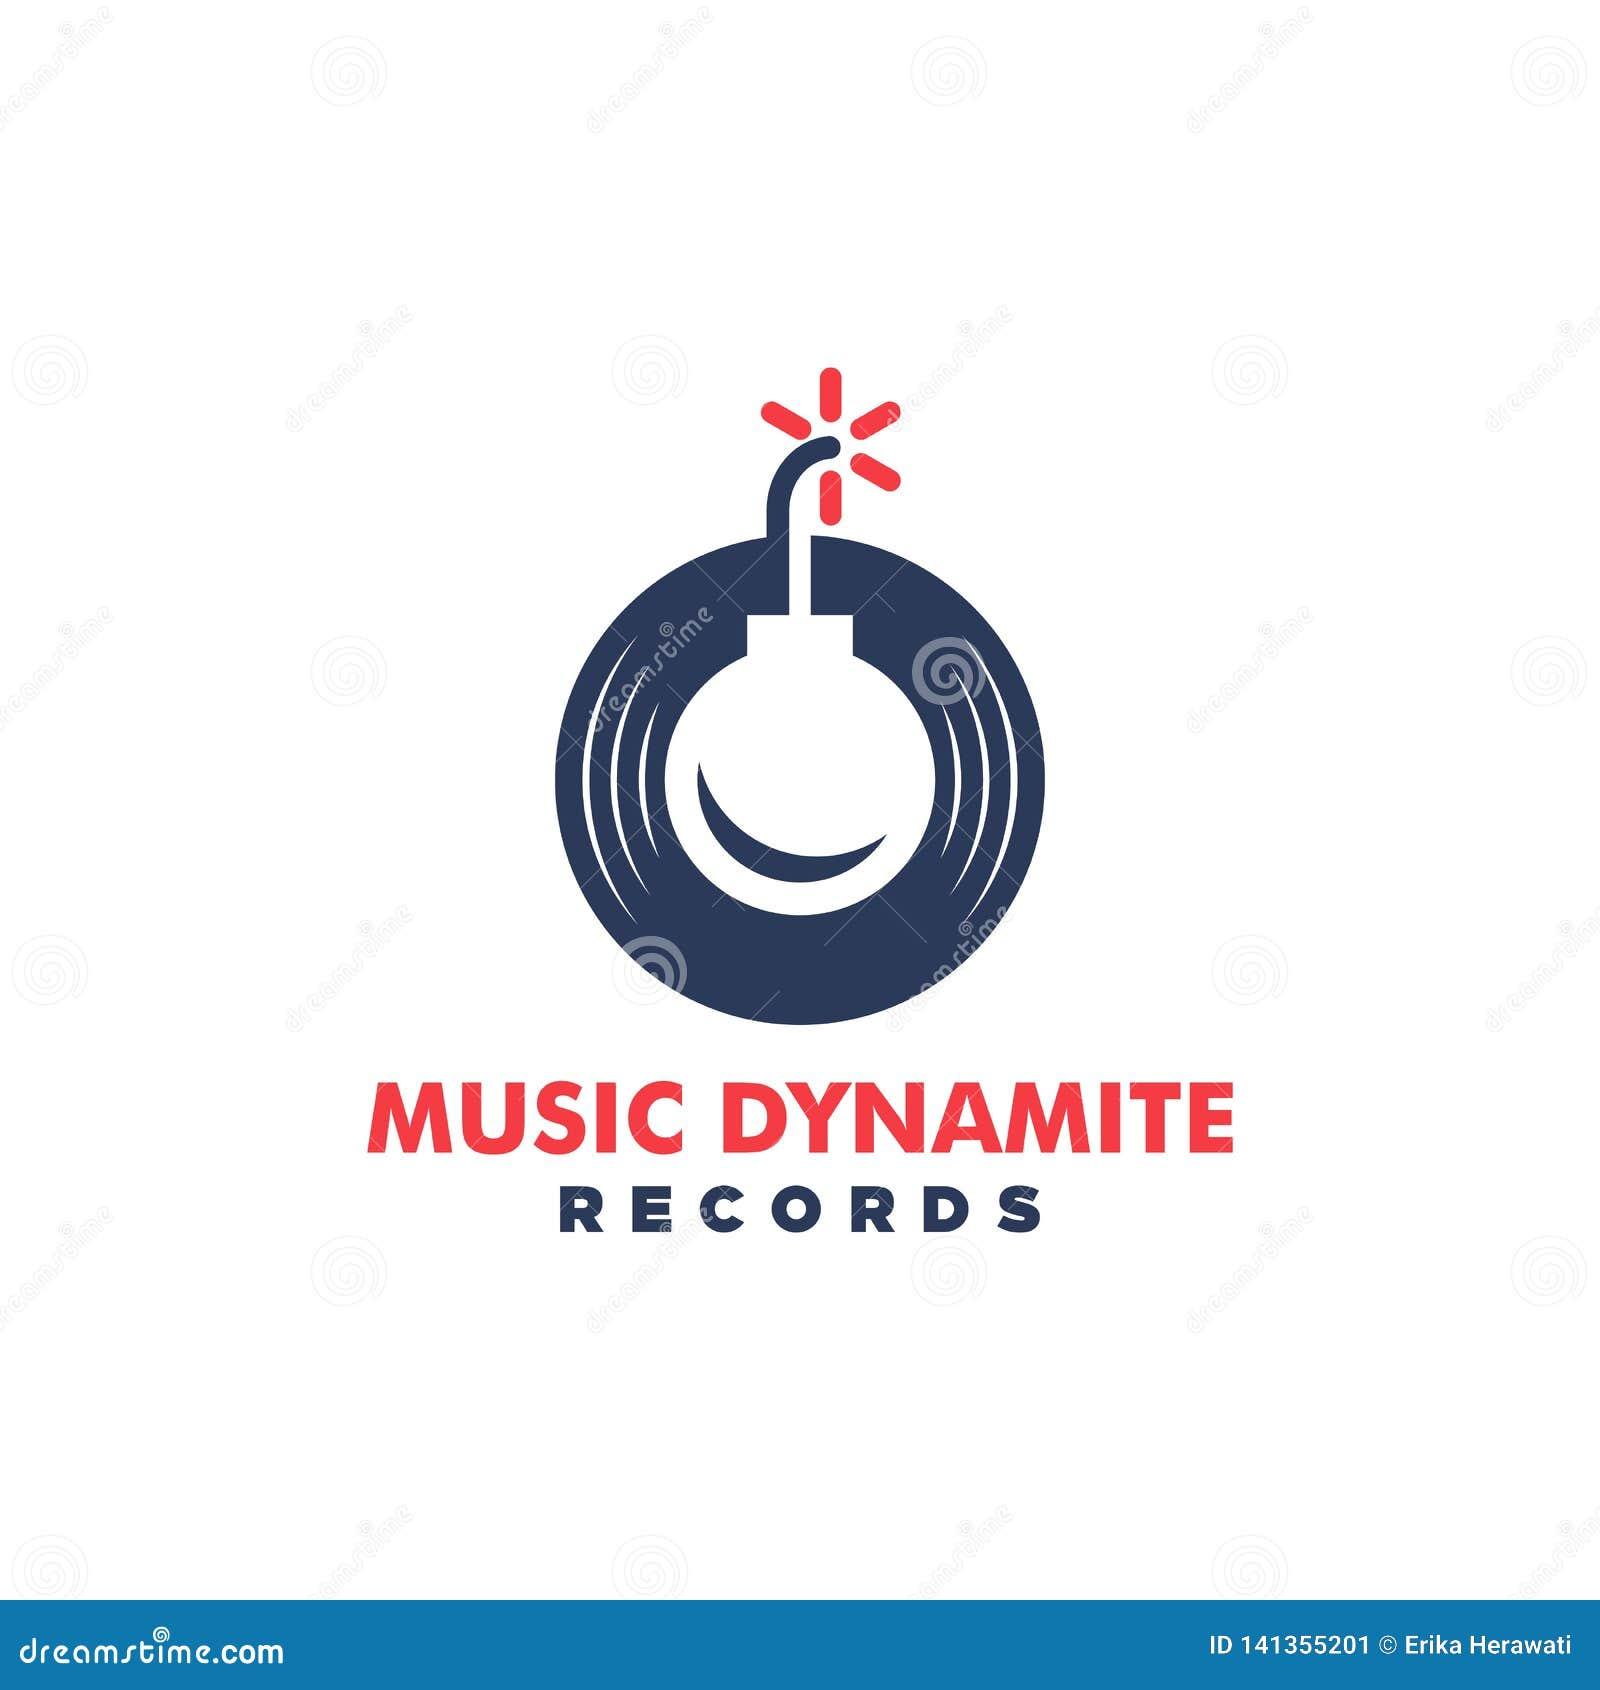 Molde do projeto do vetor da ilustração do conceito da dinamite da música